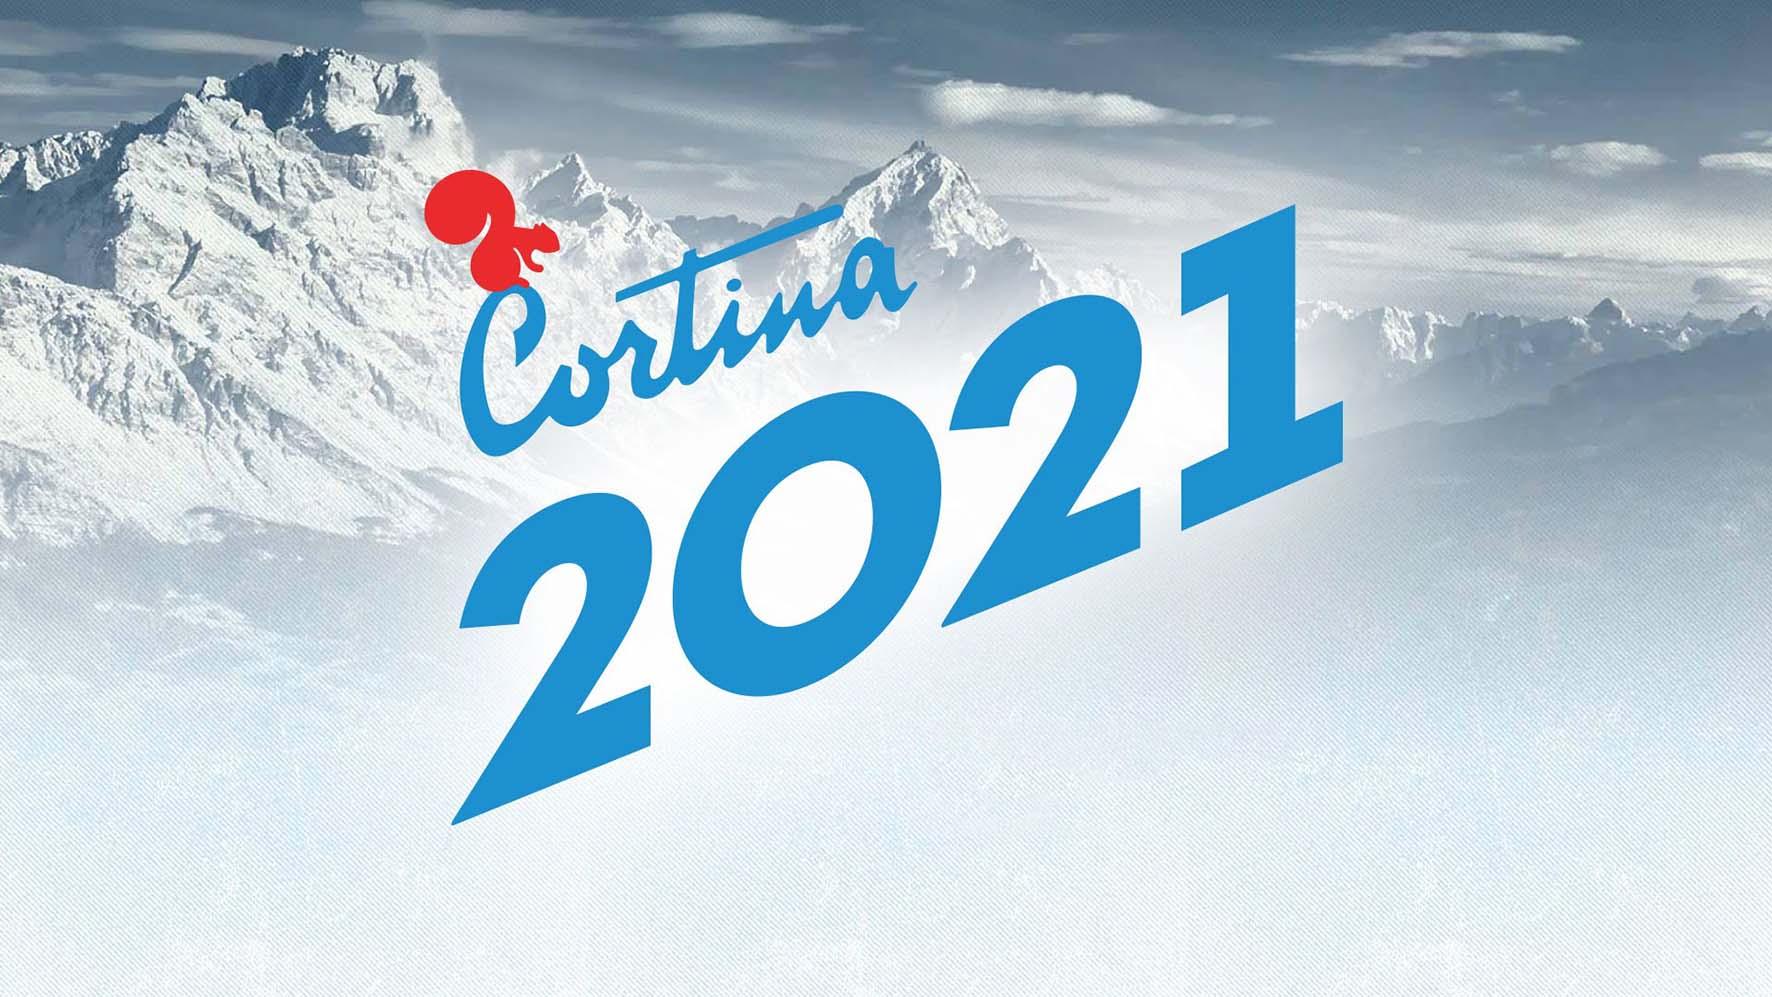 cortina 2021 logo su sfondo montagna